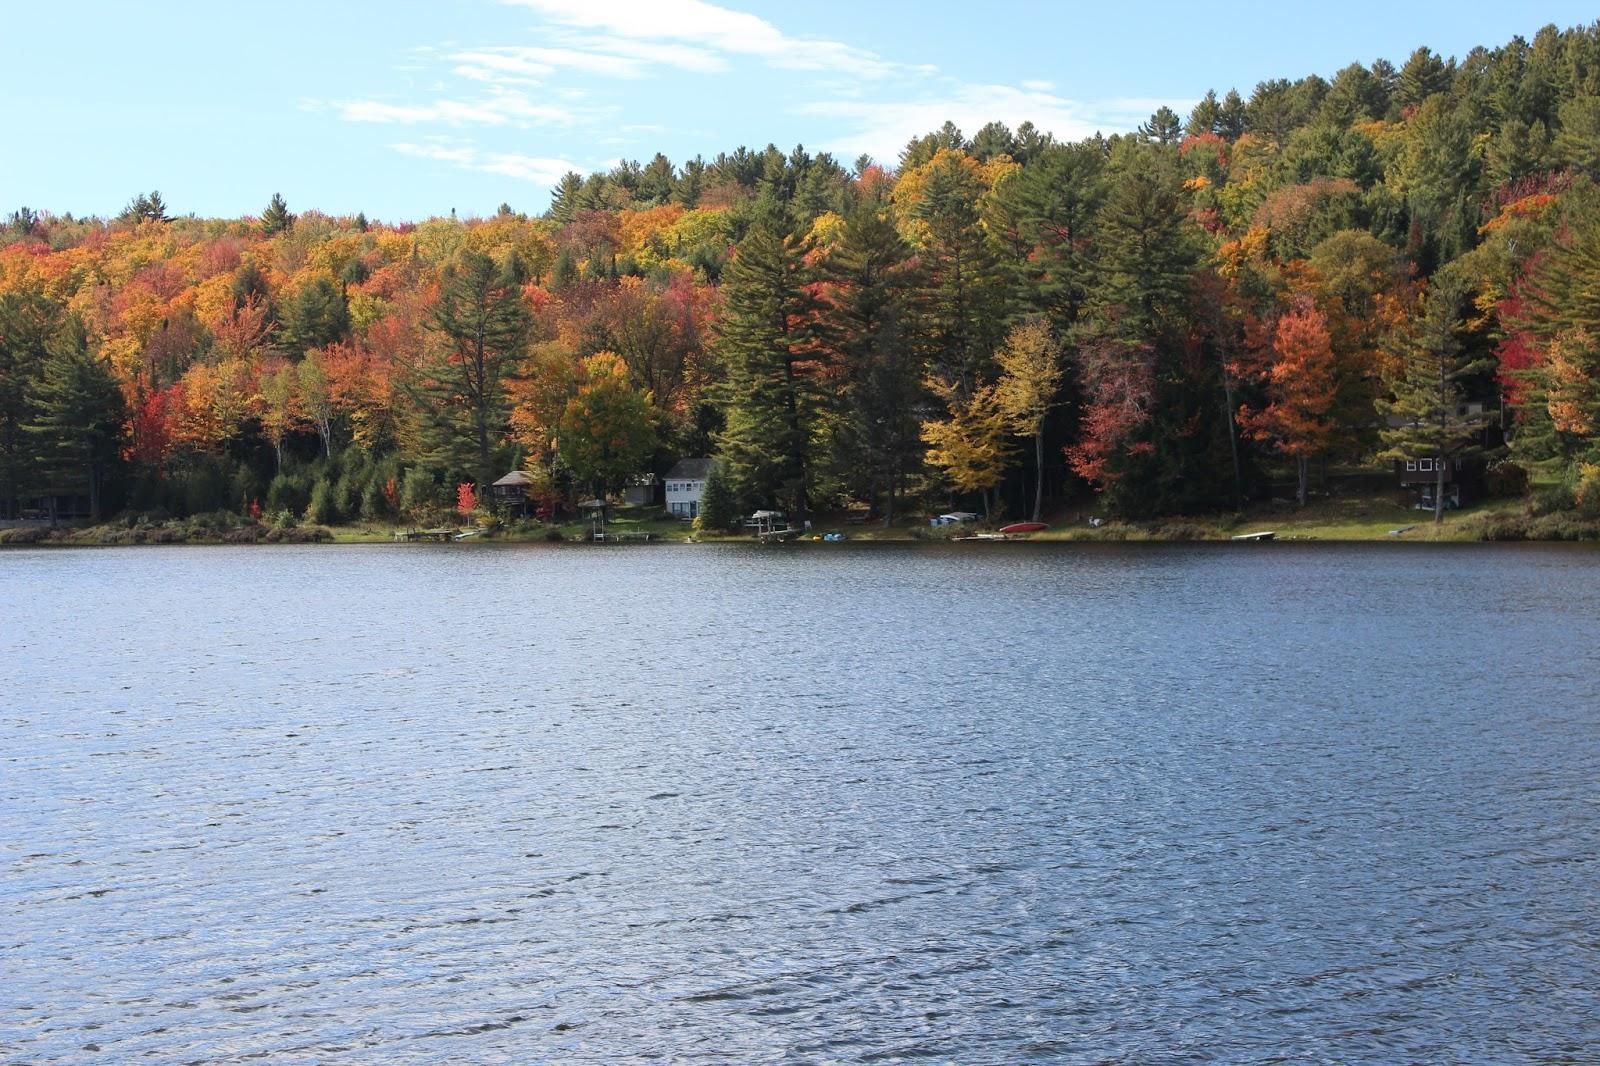 The Neapolitan, Vermont, Fall,